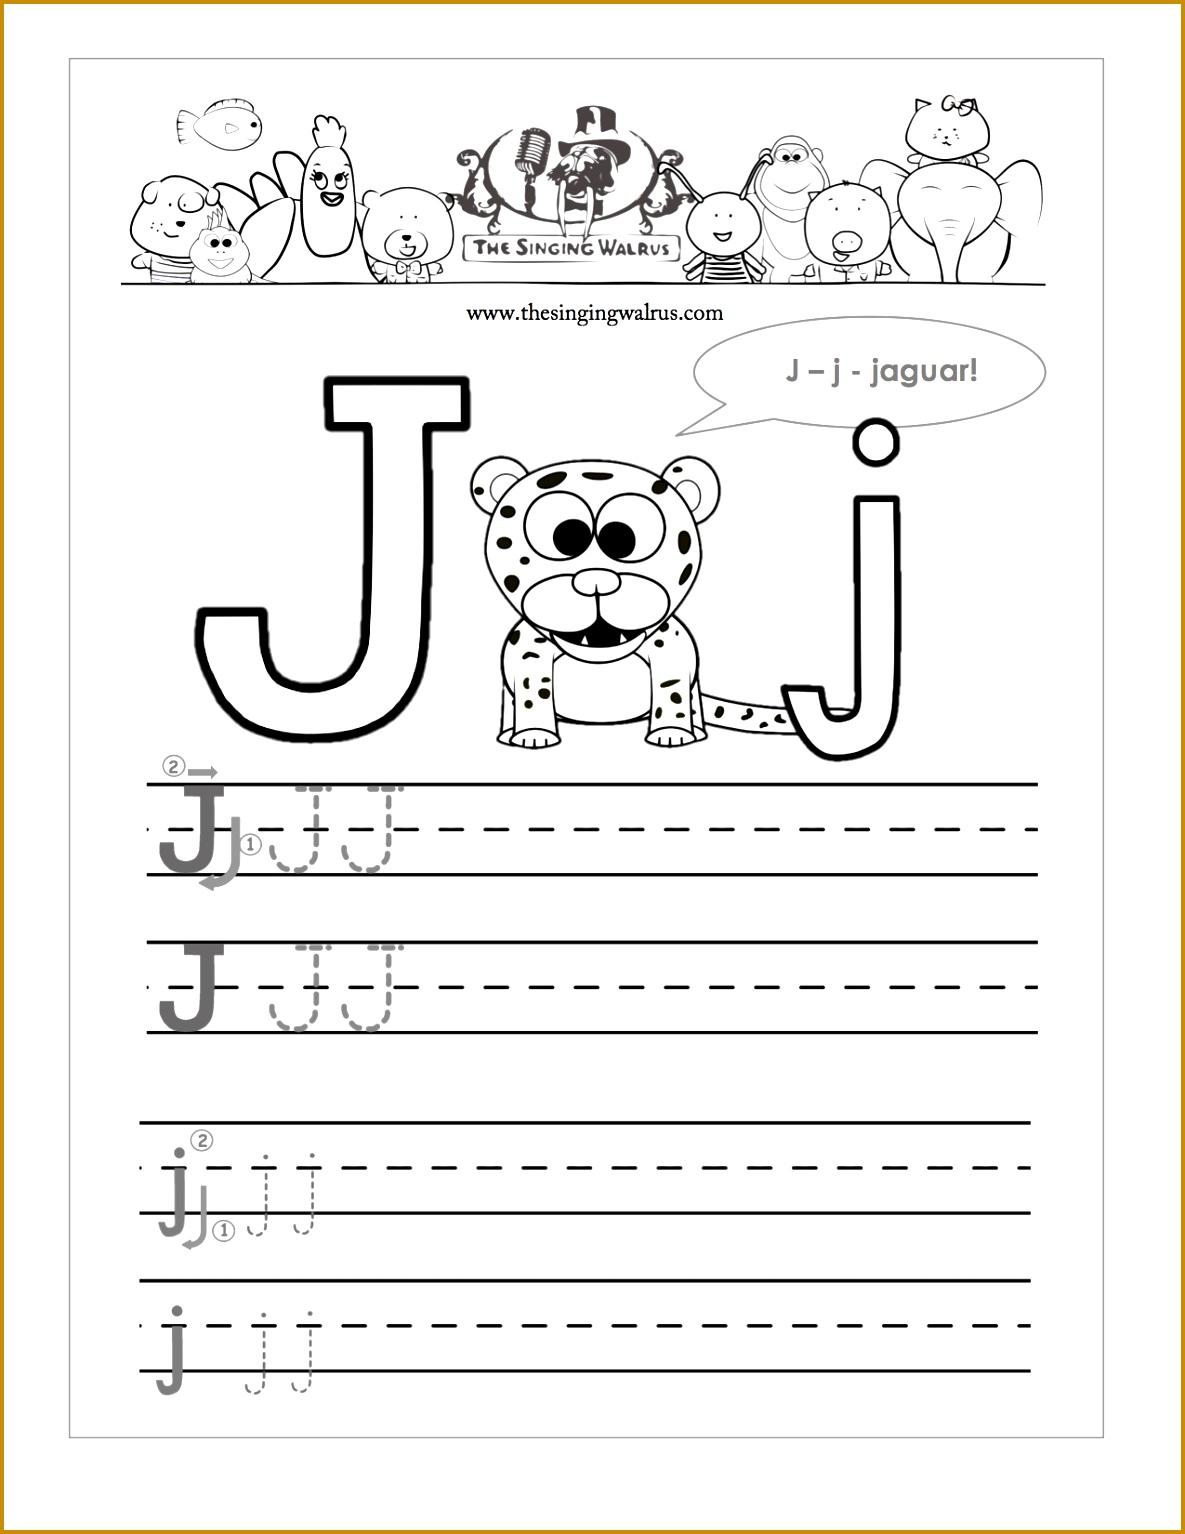 Free Letter J Alphabet Learning Worksheet for Preschool 15341185